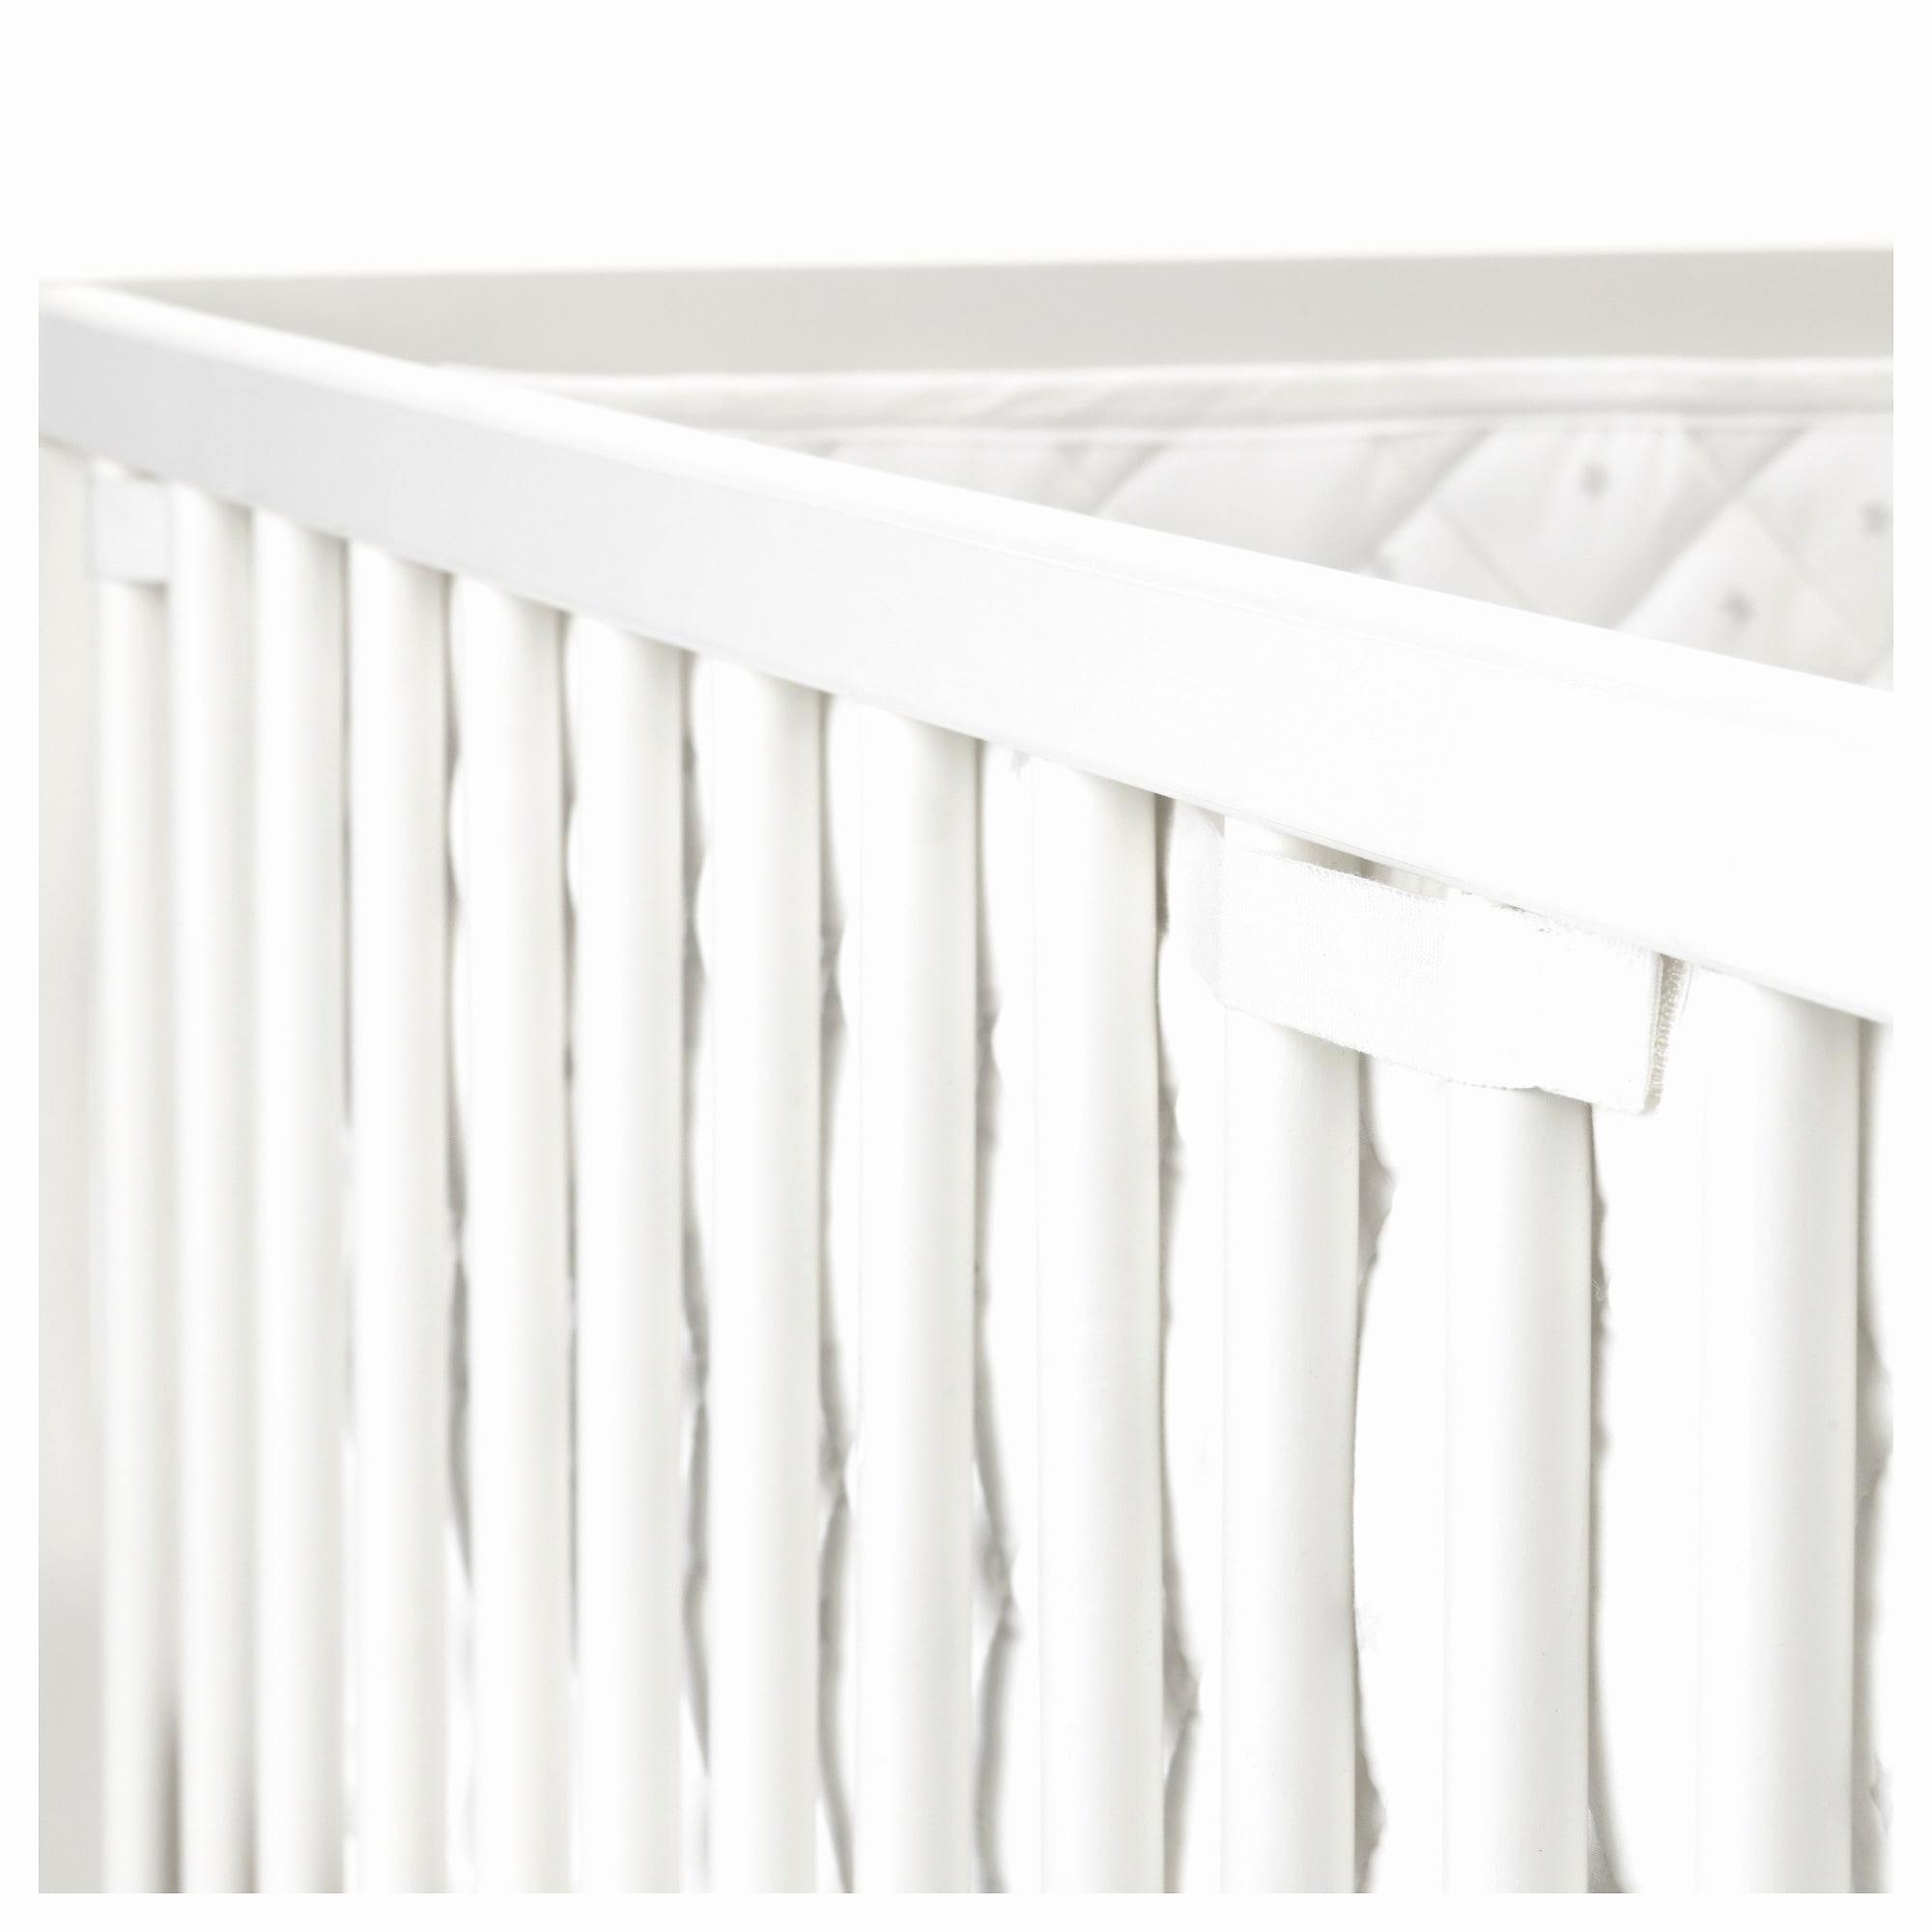 Tableau chambre bébé : comment ça se présente ?